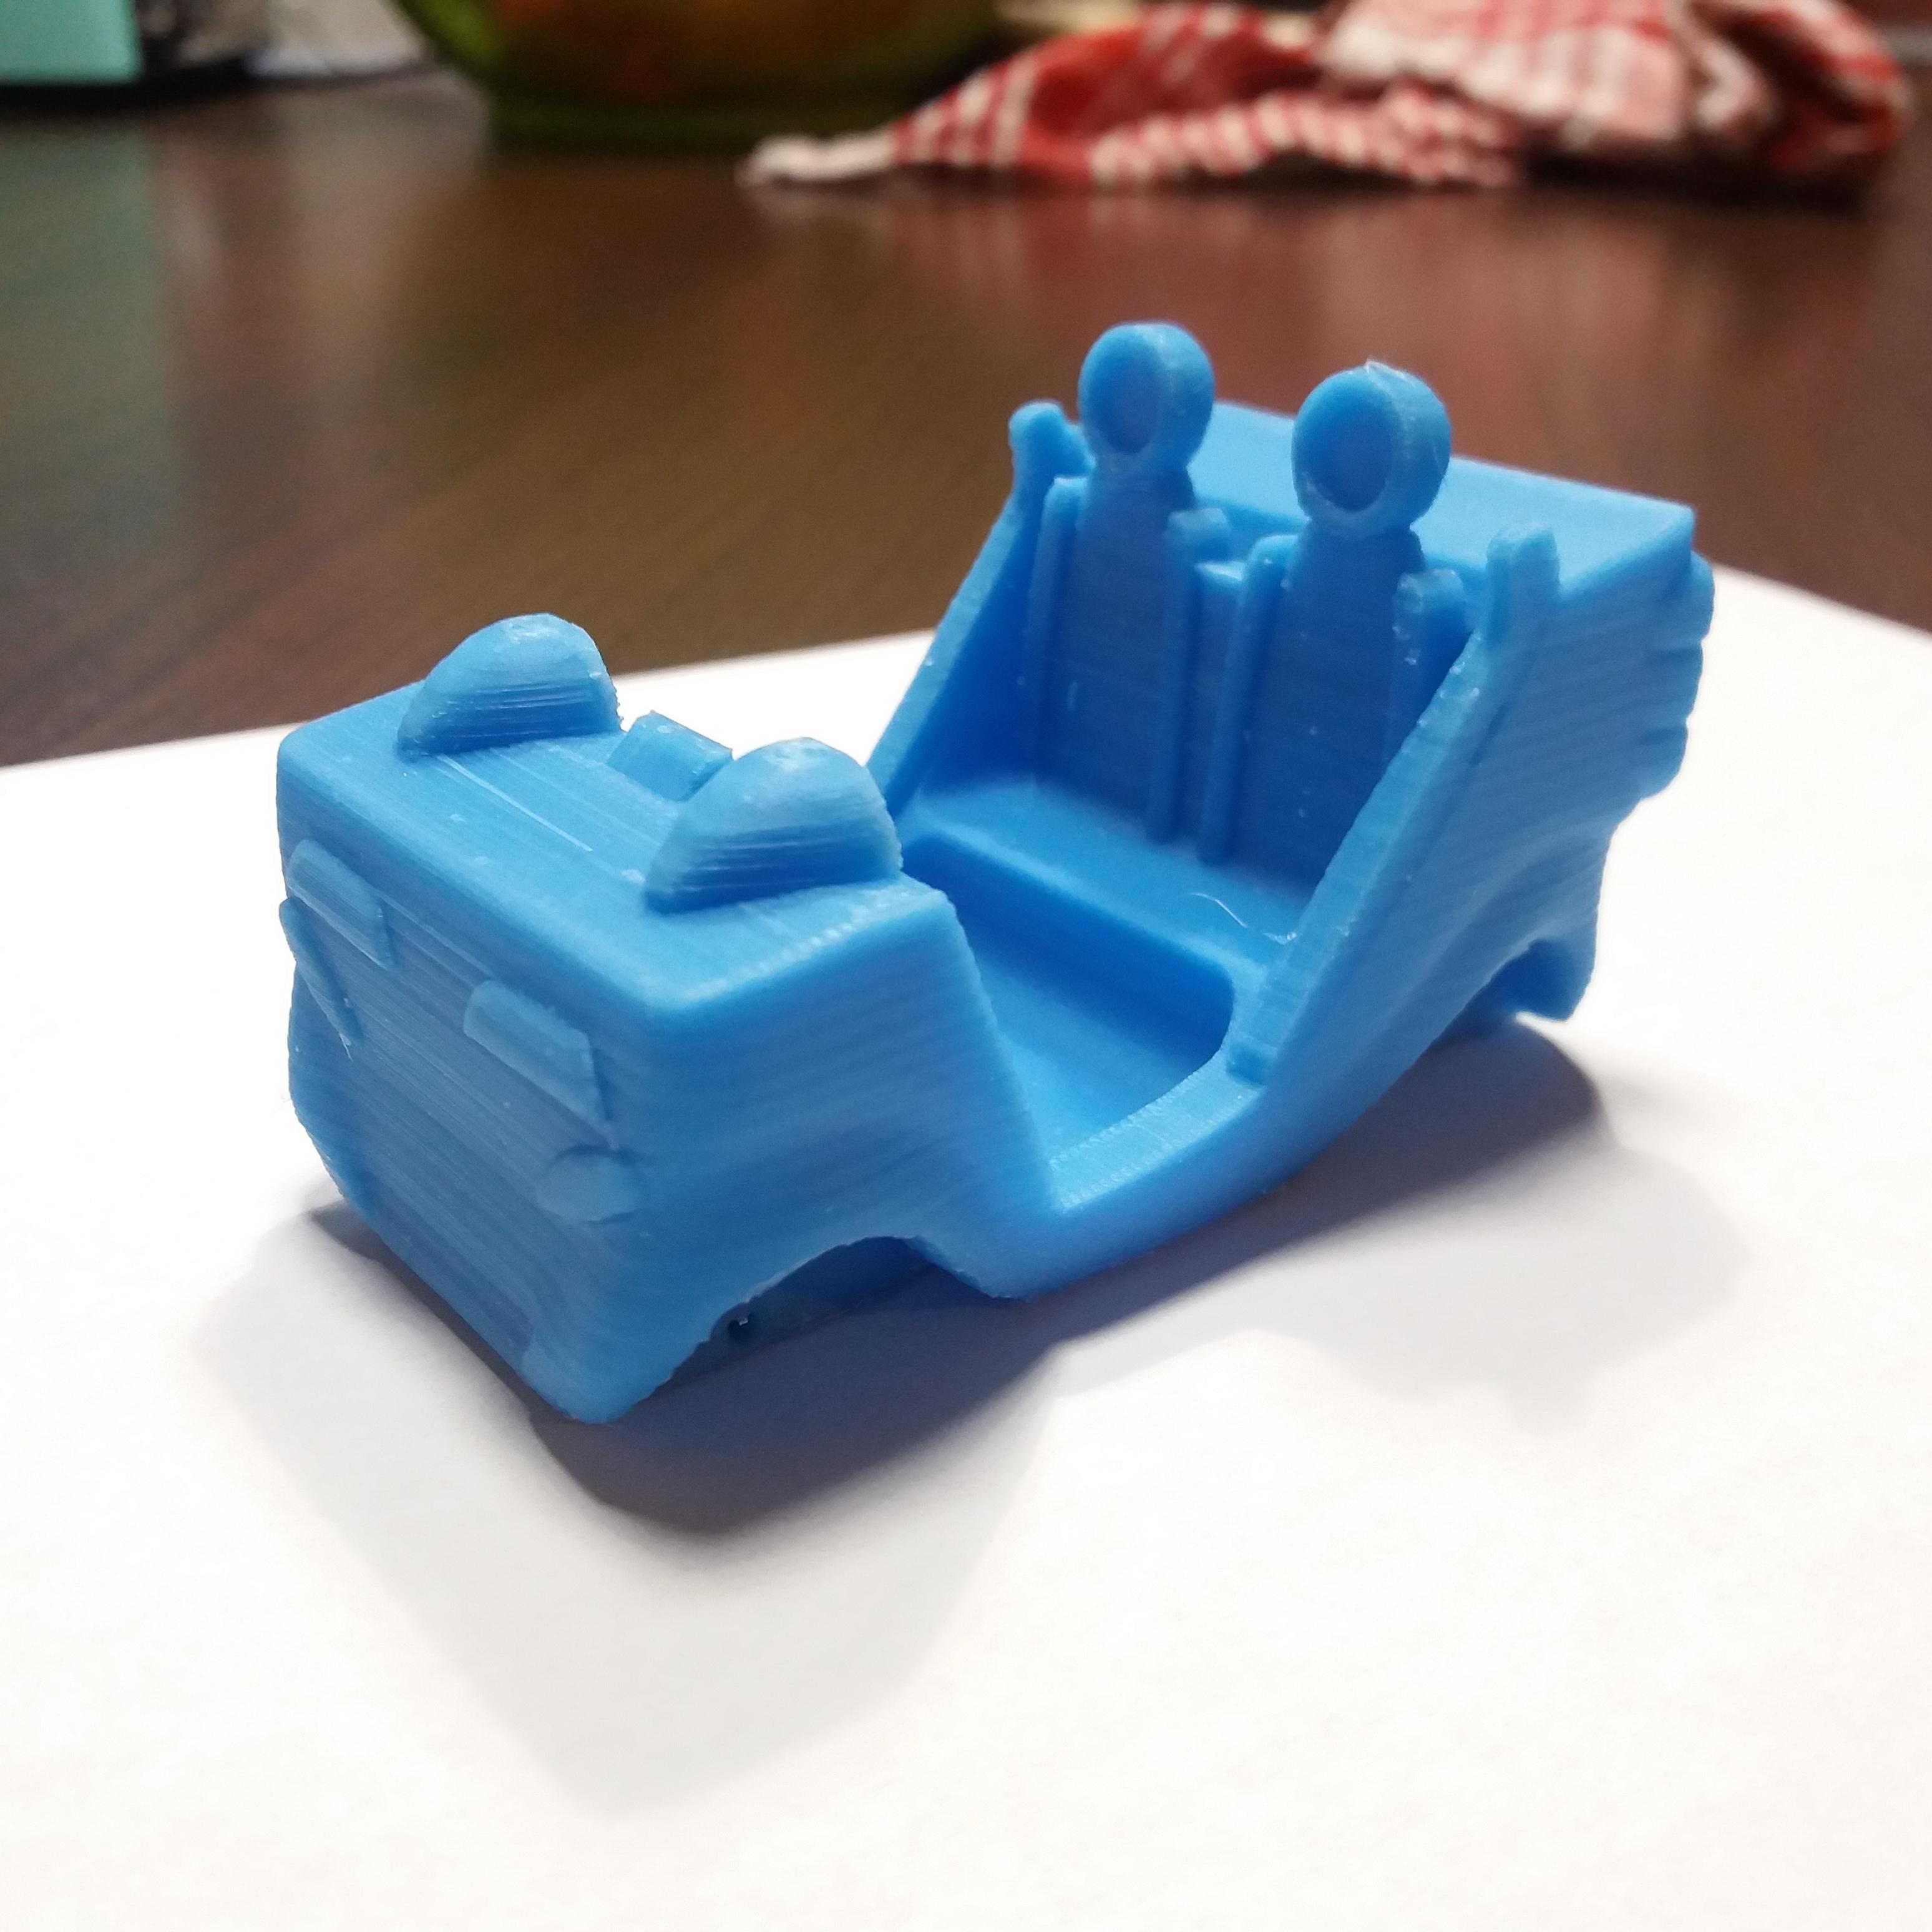 voiture imprimee.jpg Télécharger fichier STL voiture reines des neige, bleu argent • Objet pour imprimante 3D, gerbat